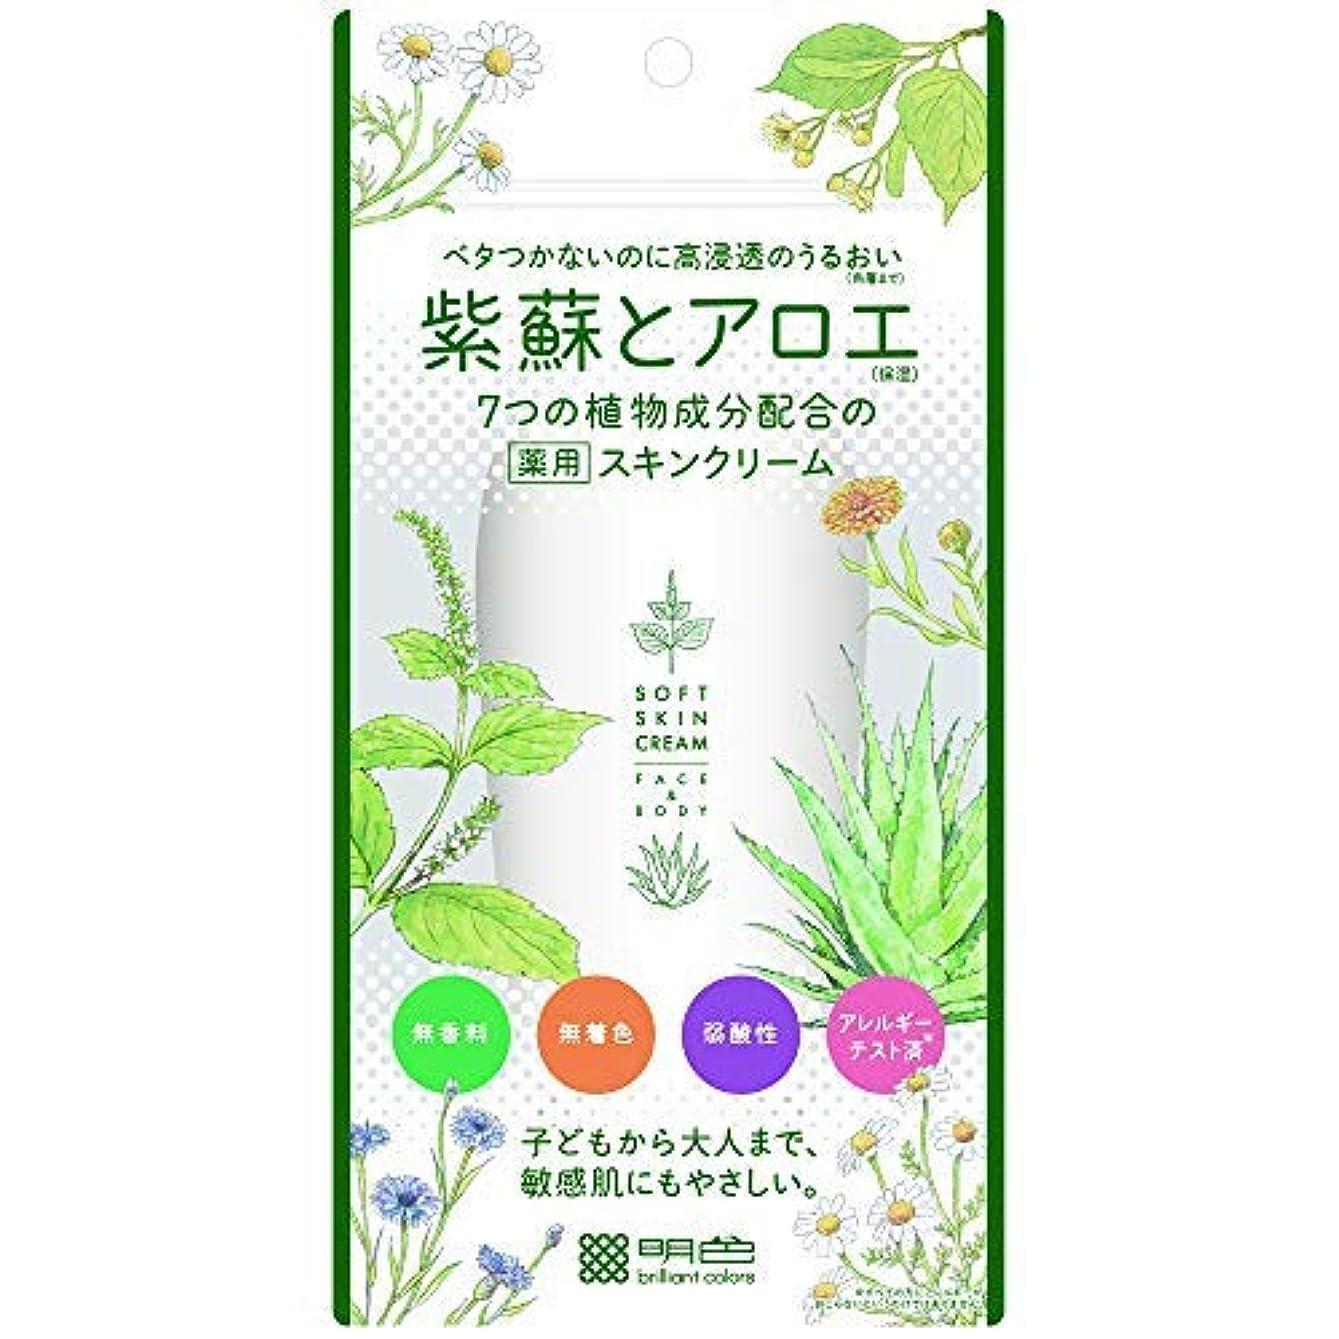 あなたが良くなりますストレッチ薬を飲む紫蘇とアロエ 薬用スキンクリーム × 24個セット